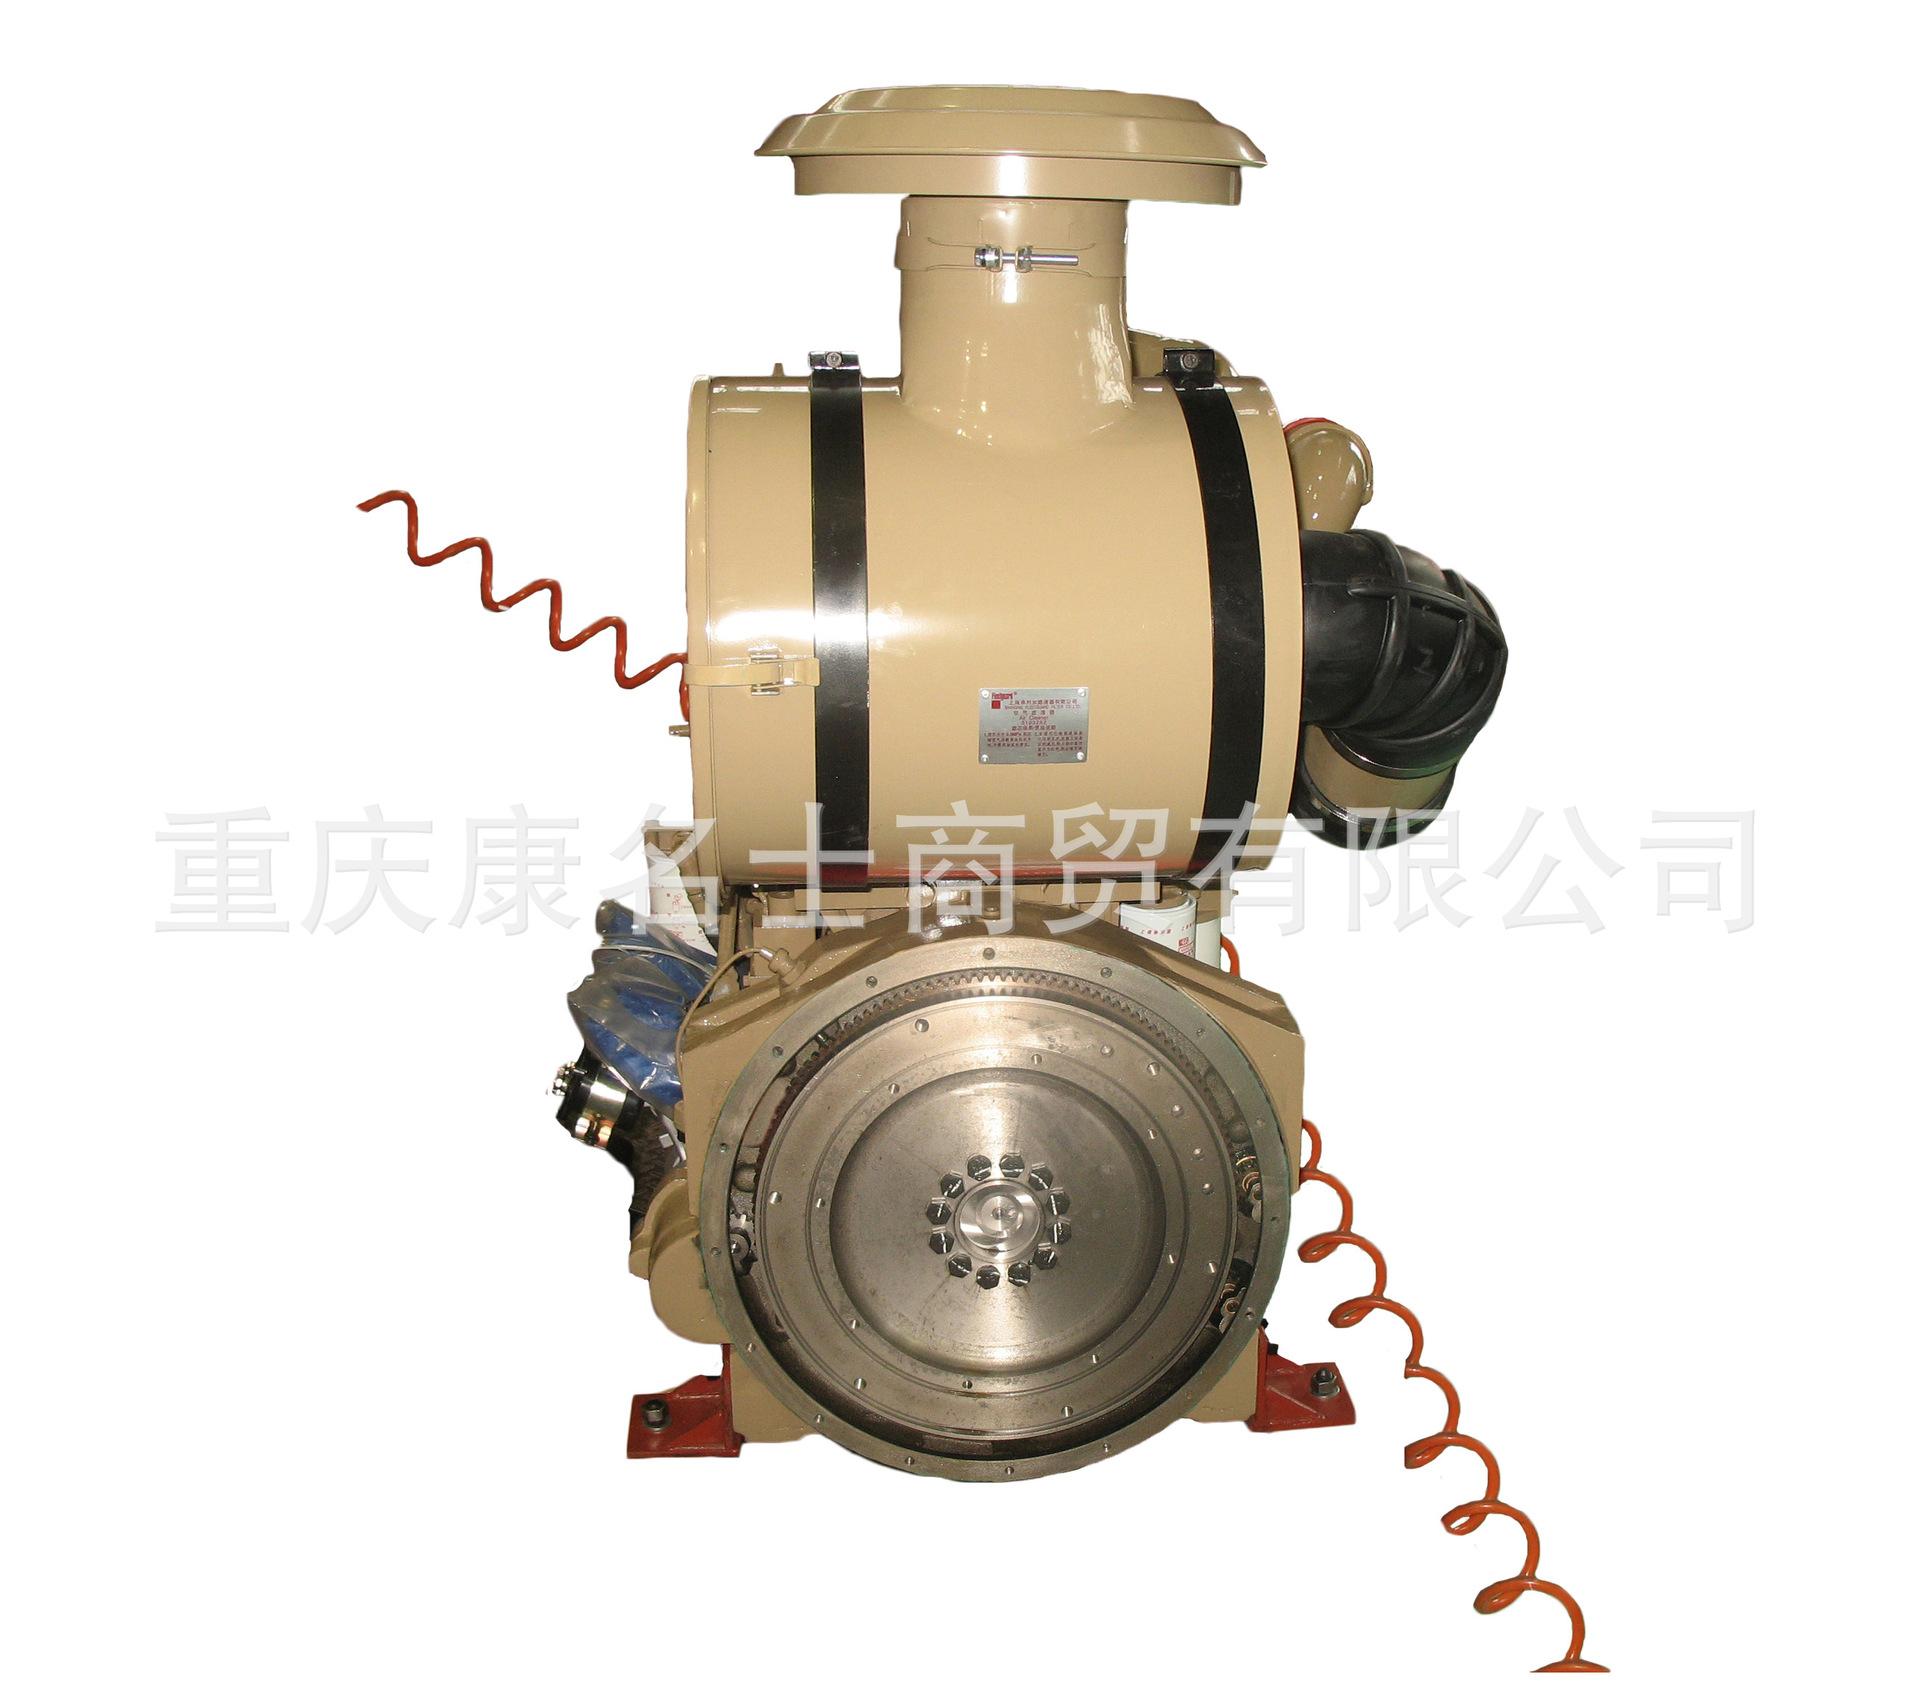 4017551康明斯风扇离合器总成QUANTUM45-C1800发动机配件厂价优惠